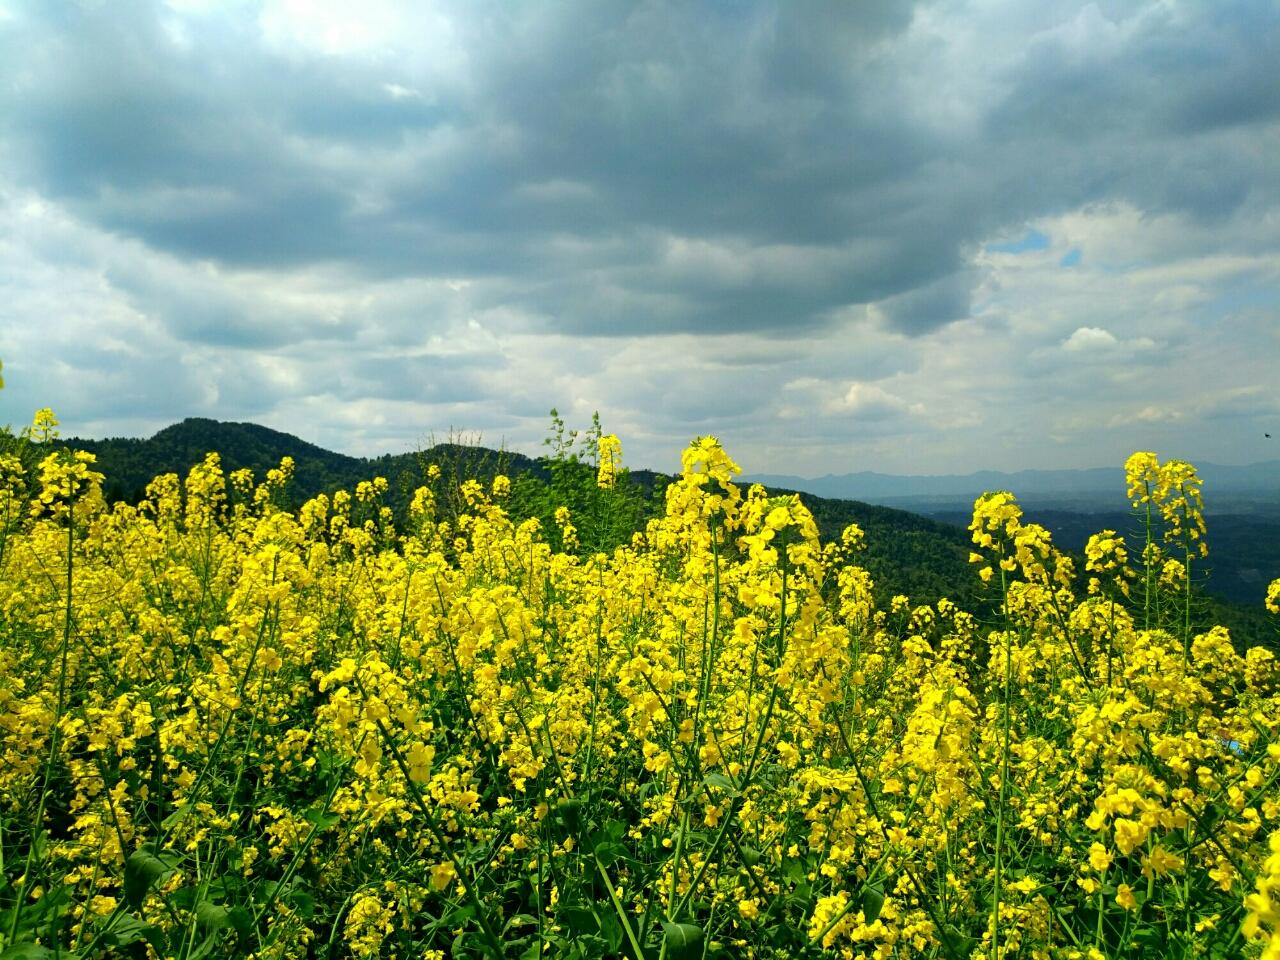 三月的乡村是黄色的。村舍的房前屋后一两株火红的桃花,雪白的梨花,粉色的杏花,如银如霜的李花、樱花,也只是星星点点,撒落在翠绿丛里,淹没在苍翠墨绿丛影中。而这菜花仿佛是一个粗糙的粉刷匠,或横或竖或撇或捺在山粱上或沟壑里划出或明或暗的黄色笔画。又像一个古典的田园画家,不用工笔细描,直接泼墨随心写意,平坦而一望无际的黄色。和风阵阵,花潮涌动,黄色的花瓣在阳光下或阴或阳,色泽明暗如波浪翻动。